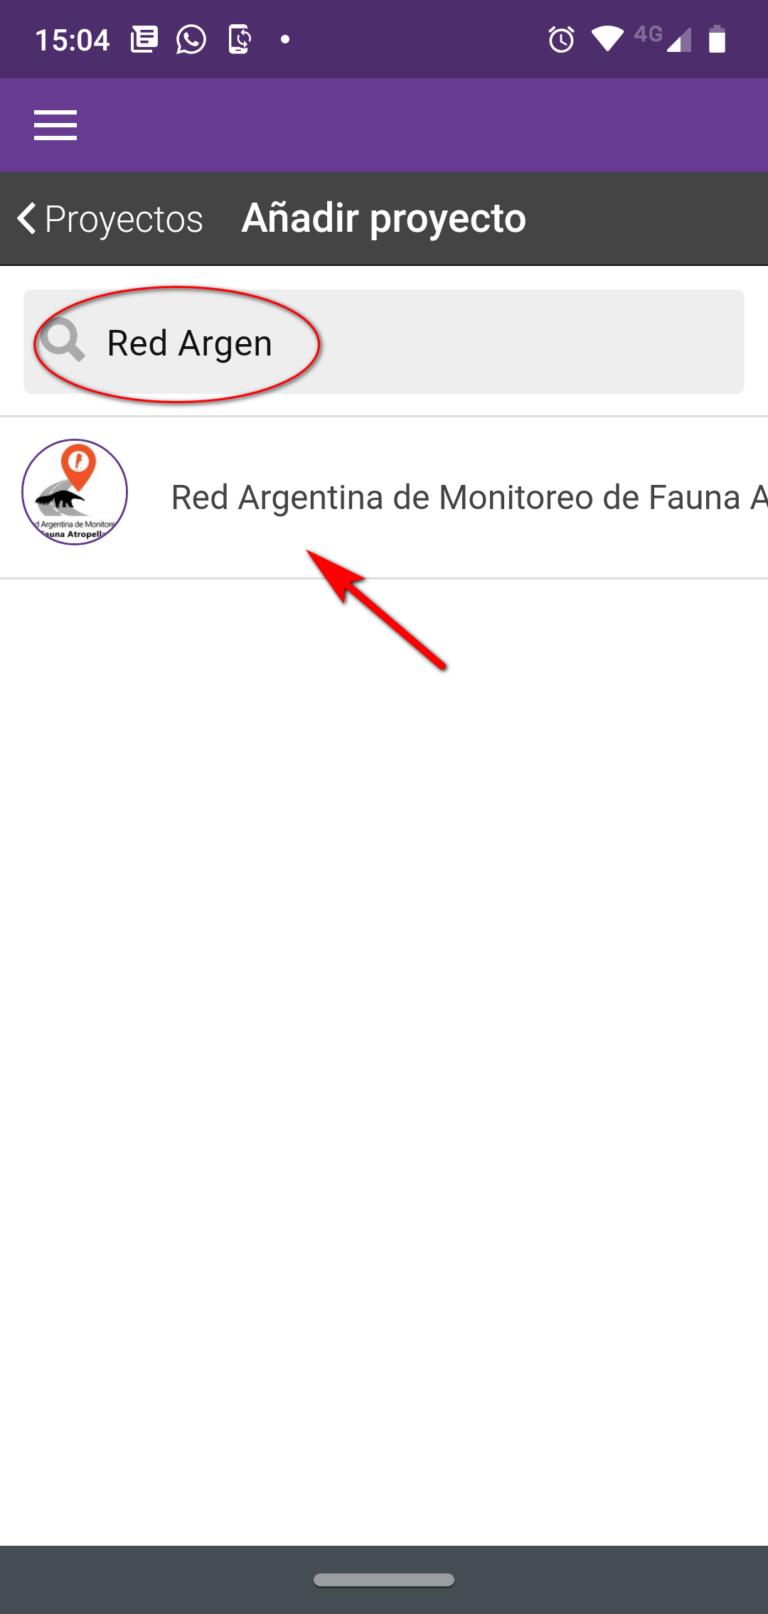 3- Buscar proyecto Red Argentina de Monitoreo de Fauna Atropellada